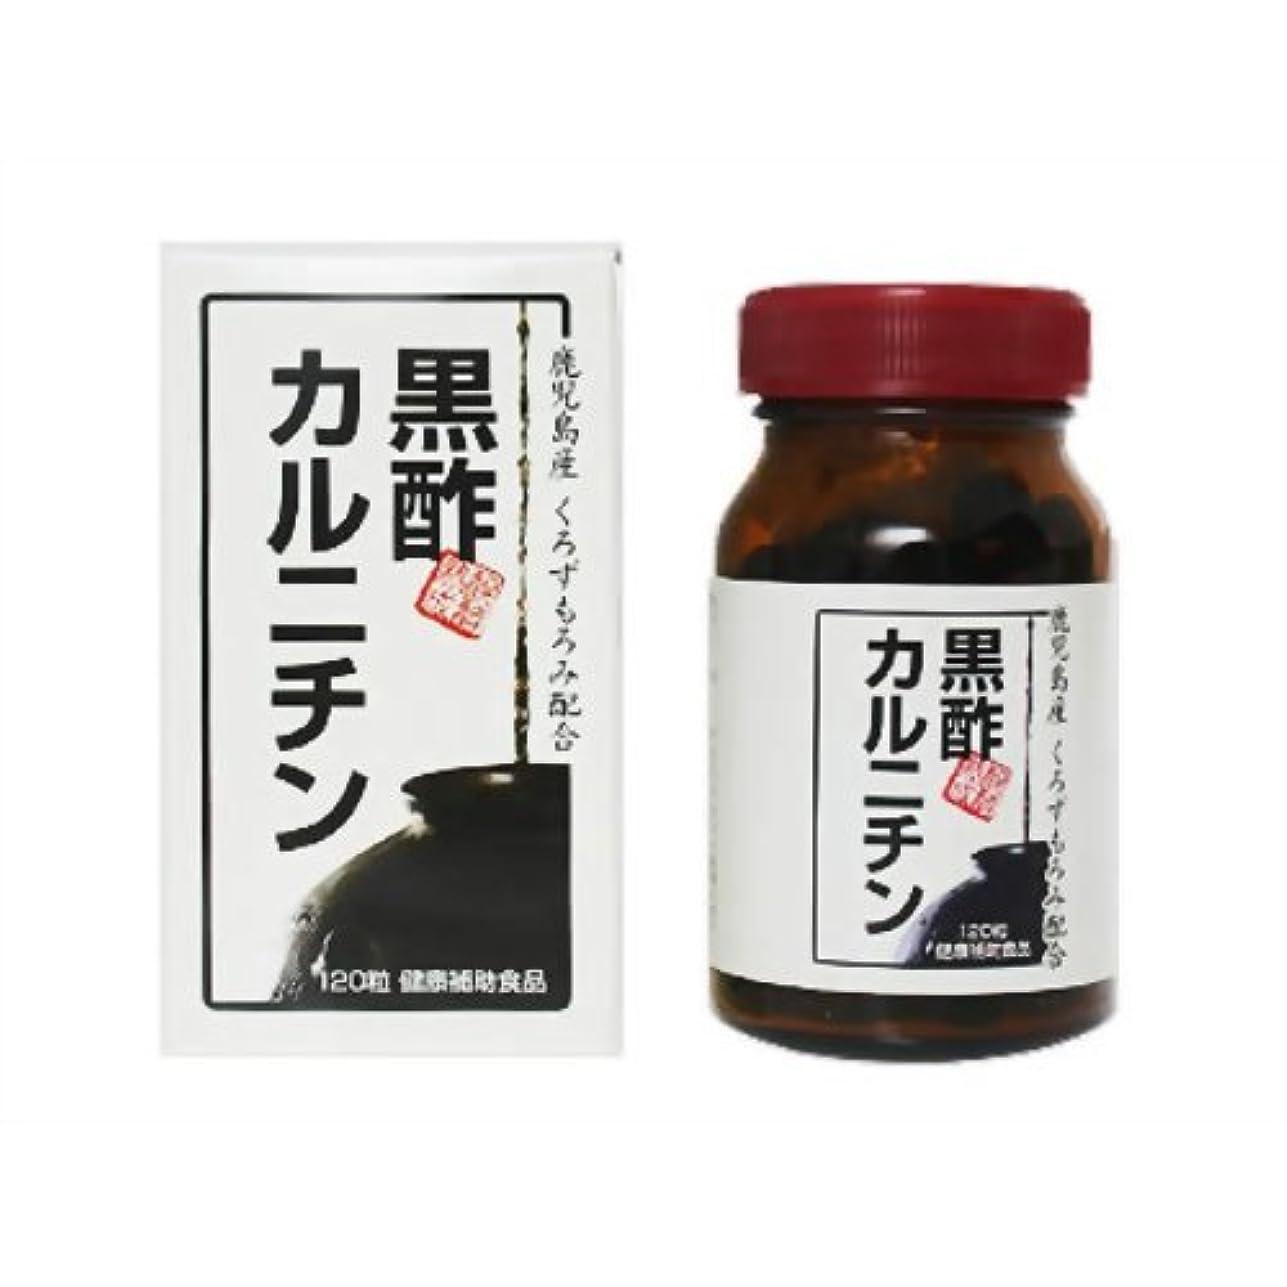 マントル徴収贈り物黒酢カルニチン 120粒